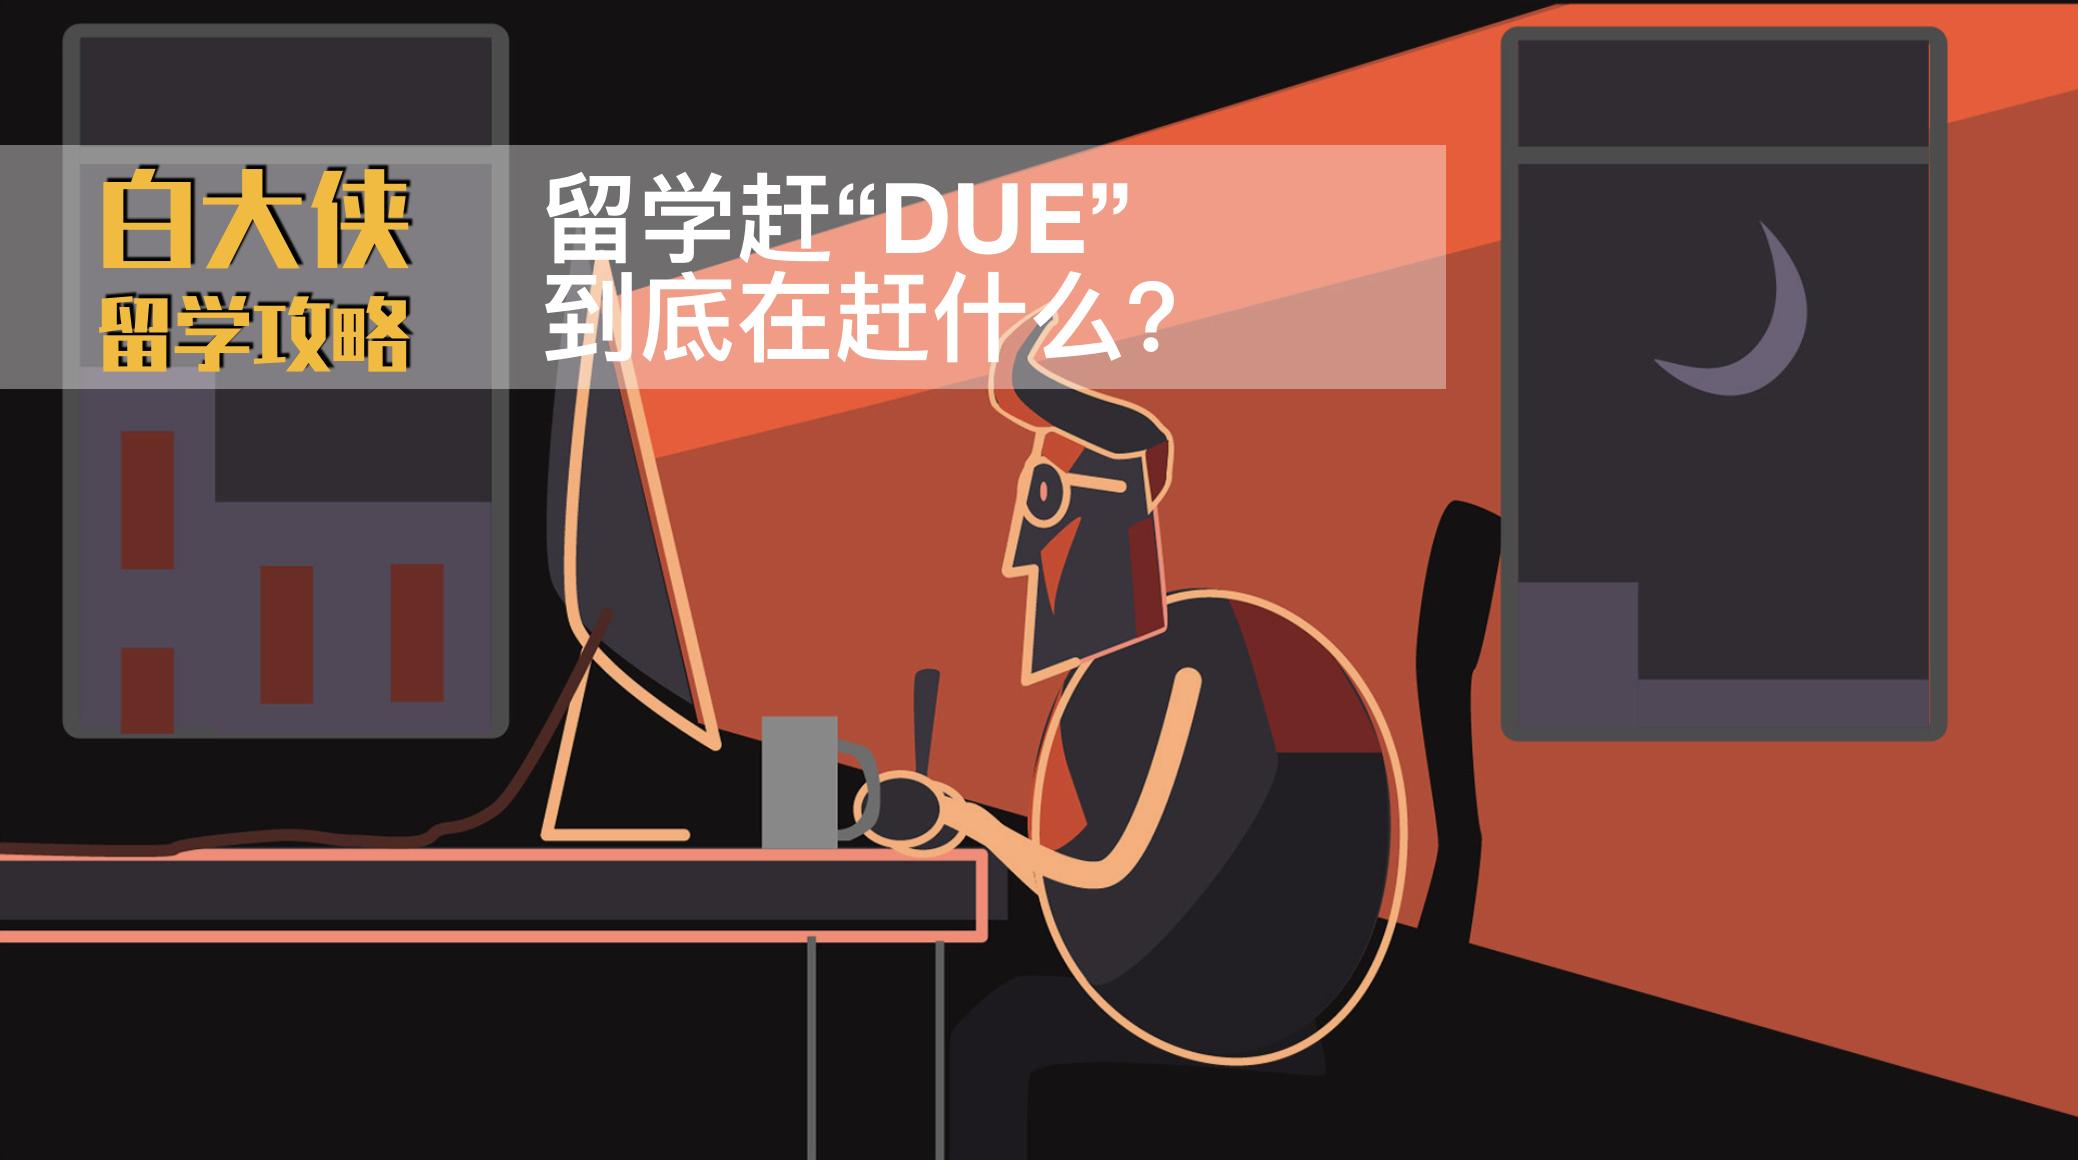 due 留学 | 留学生们说的赶DUE到底是在赶什么?